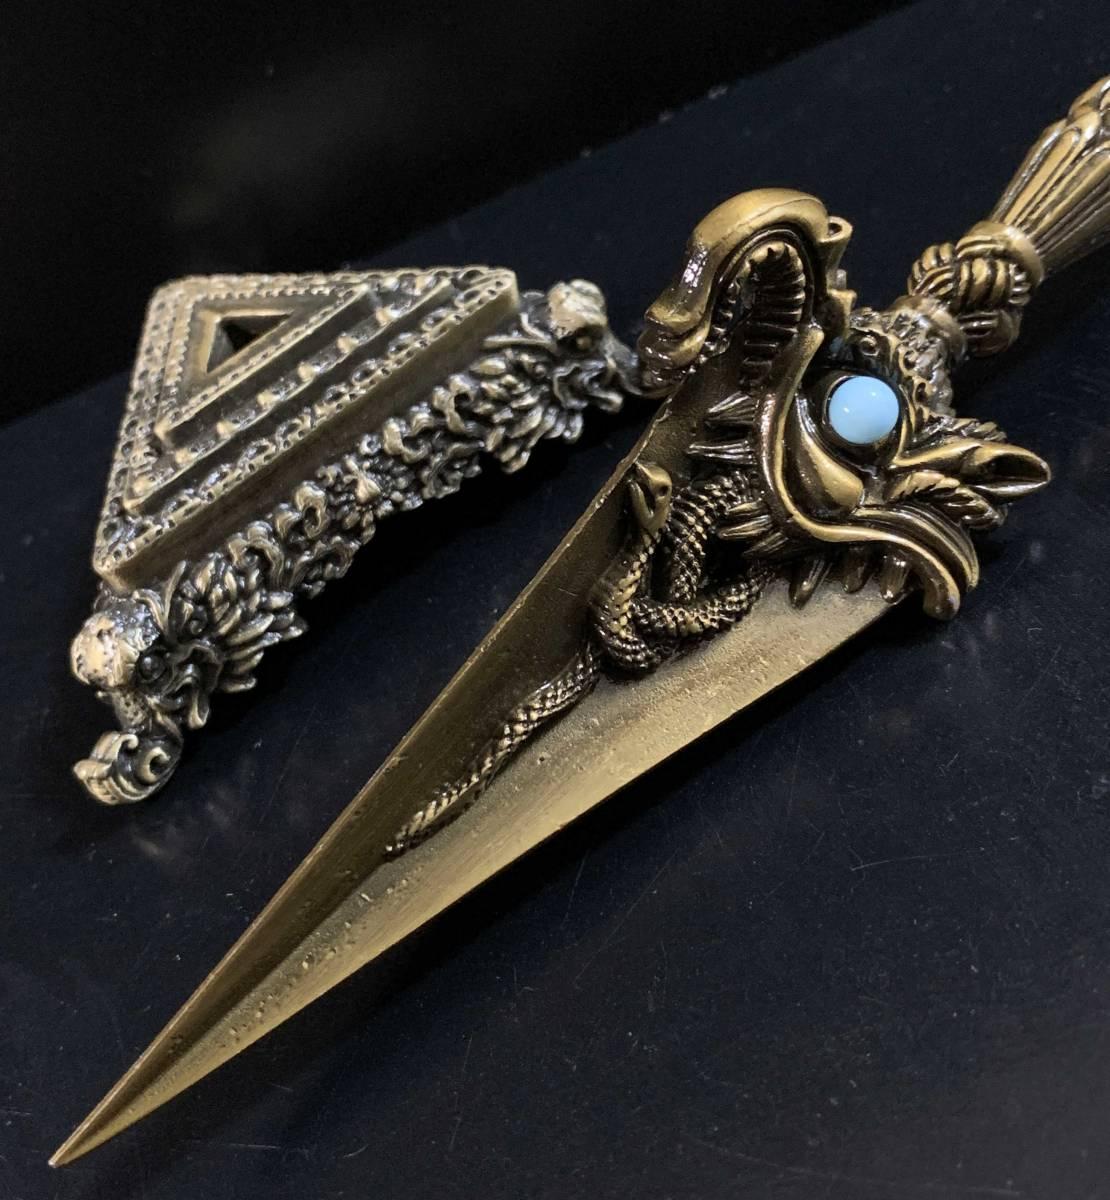 ◆チベット密教法具 3面憤怒尊プルパ(密教宝剣)◆11